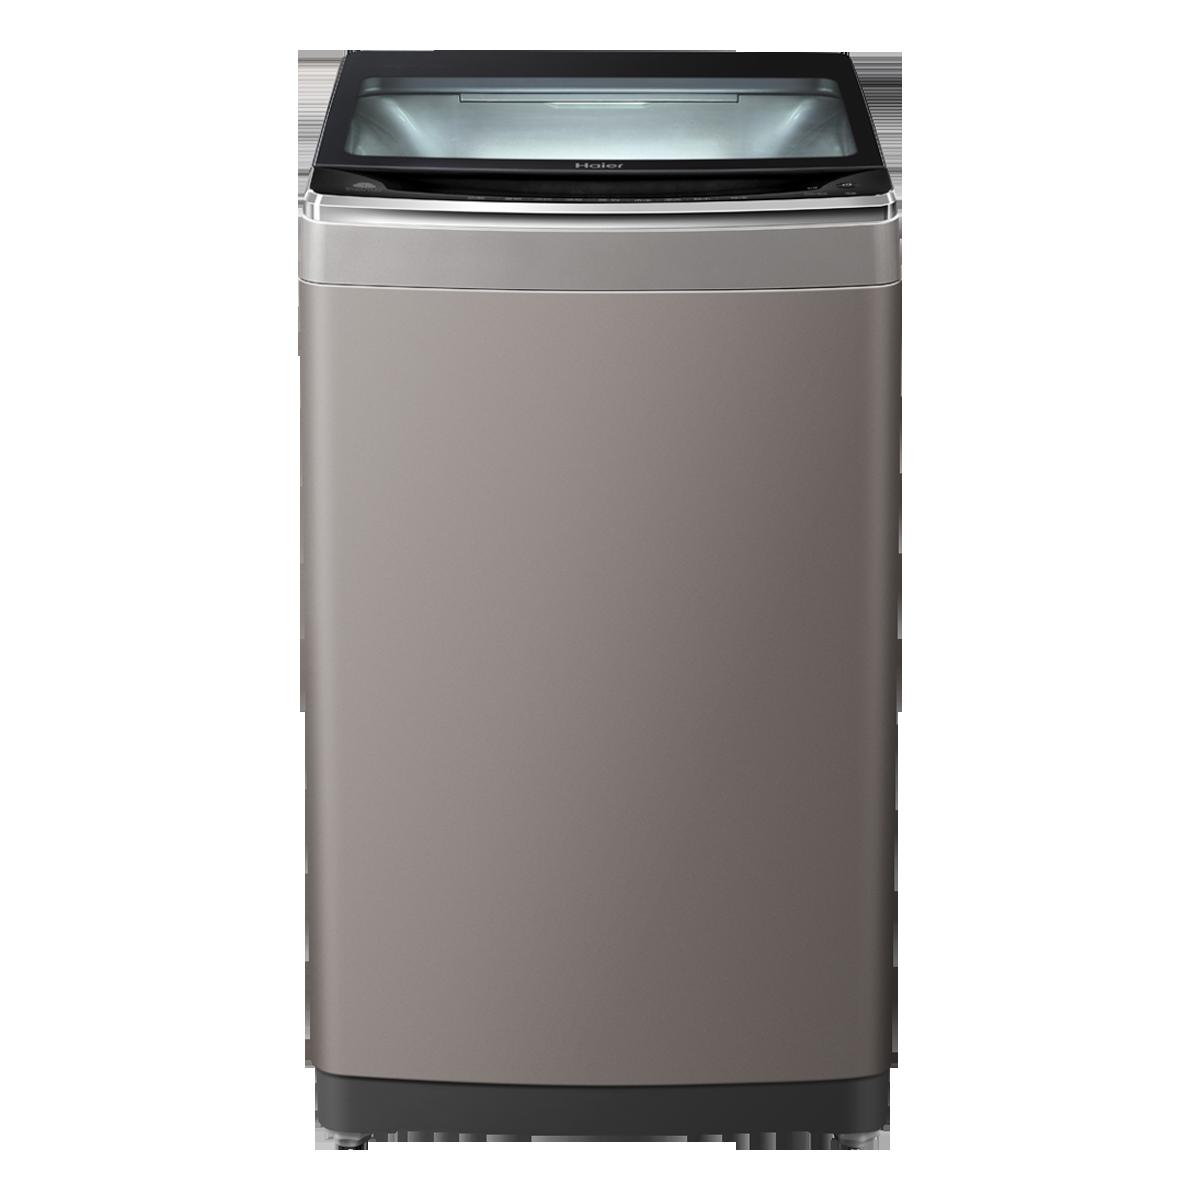 海尔Haier洗衣机 MS70-BZ1528 说明书